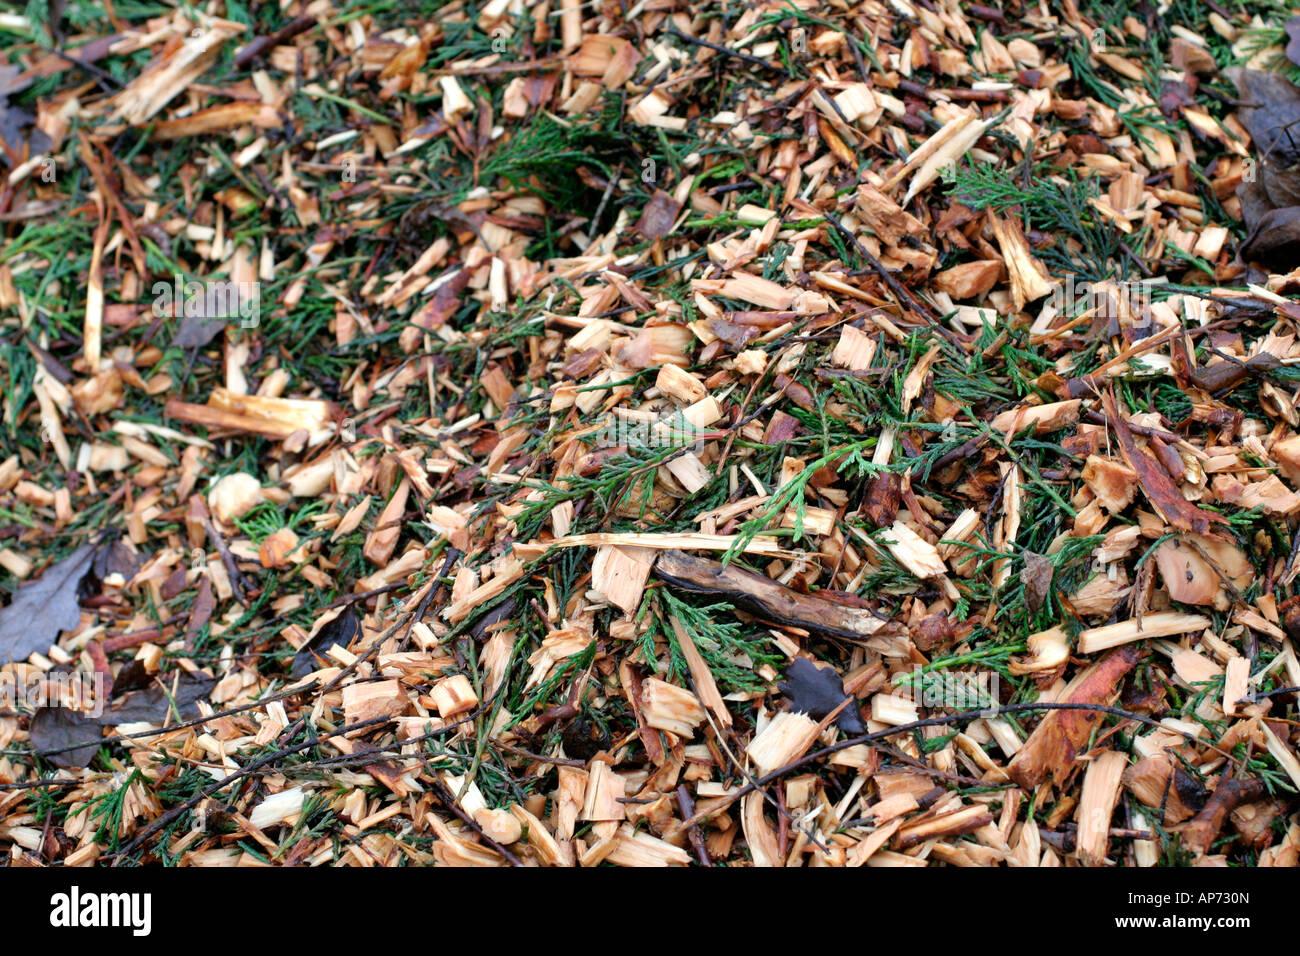 Abgebrochenen Baum beschneiden werden zum Mulchen unter etablierten Sträucher und krautige Pflanzen verwendet Stockbild